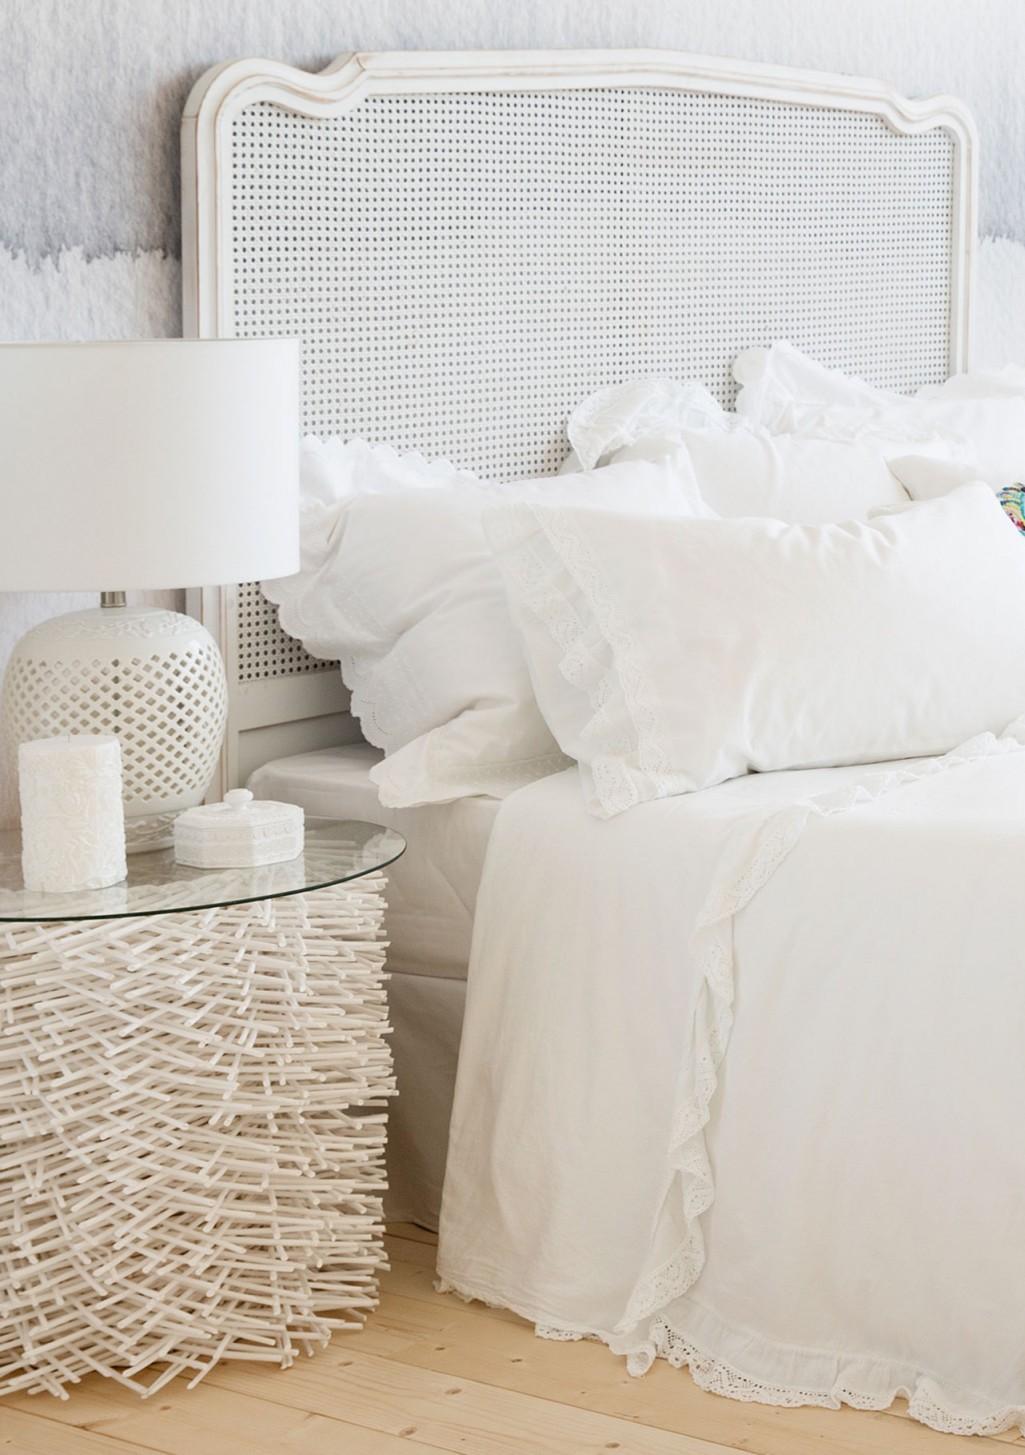 Zara Home Schlafzimmer Ideen In Weiß  Freshouse von Schlafzimmer Weiß Ideen Bild